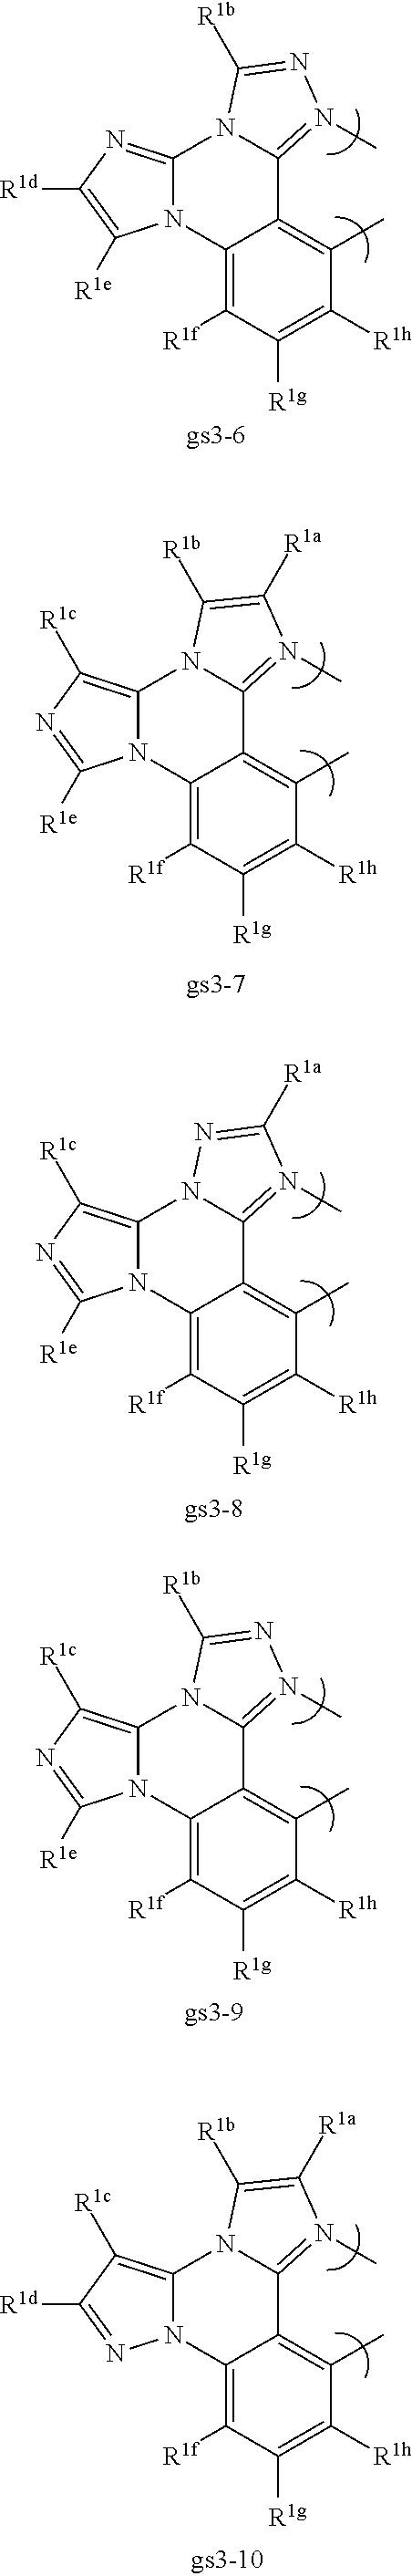 Figure US07915415-20110329-C00019